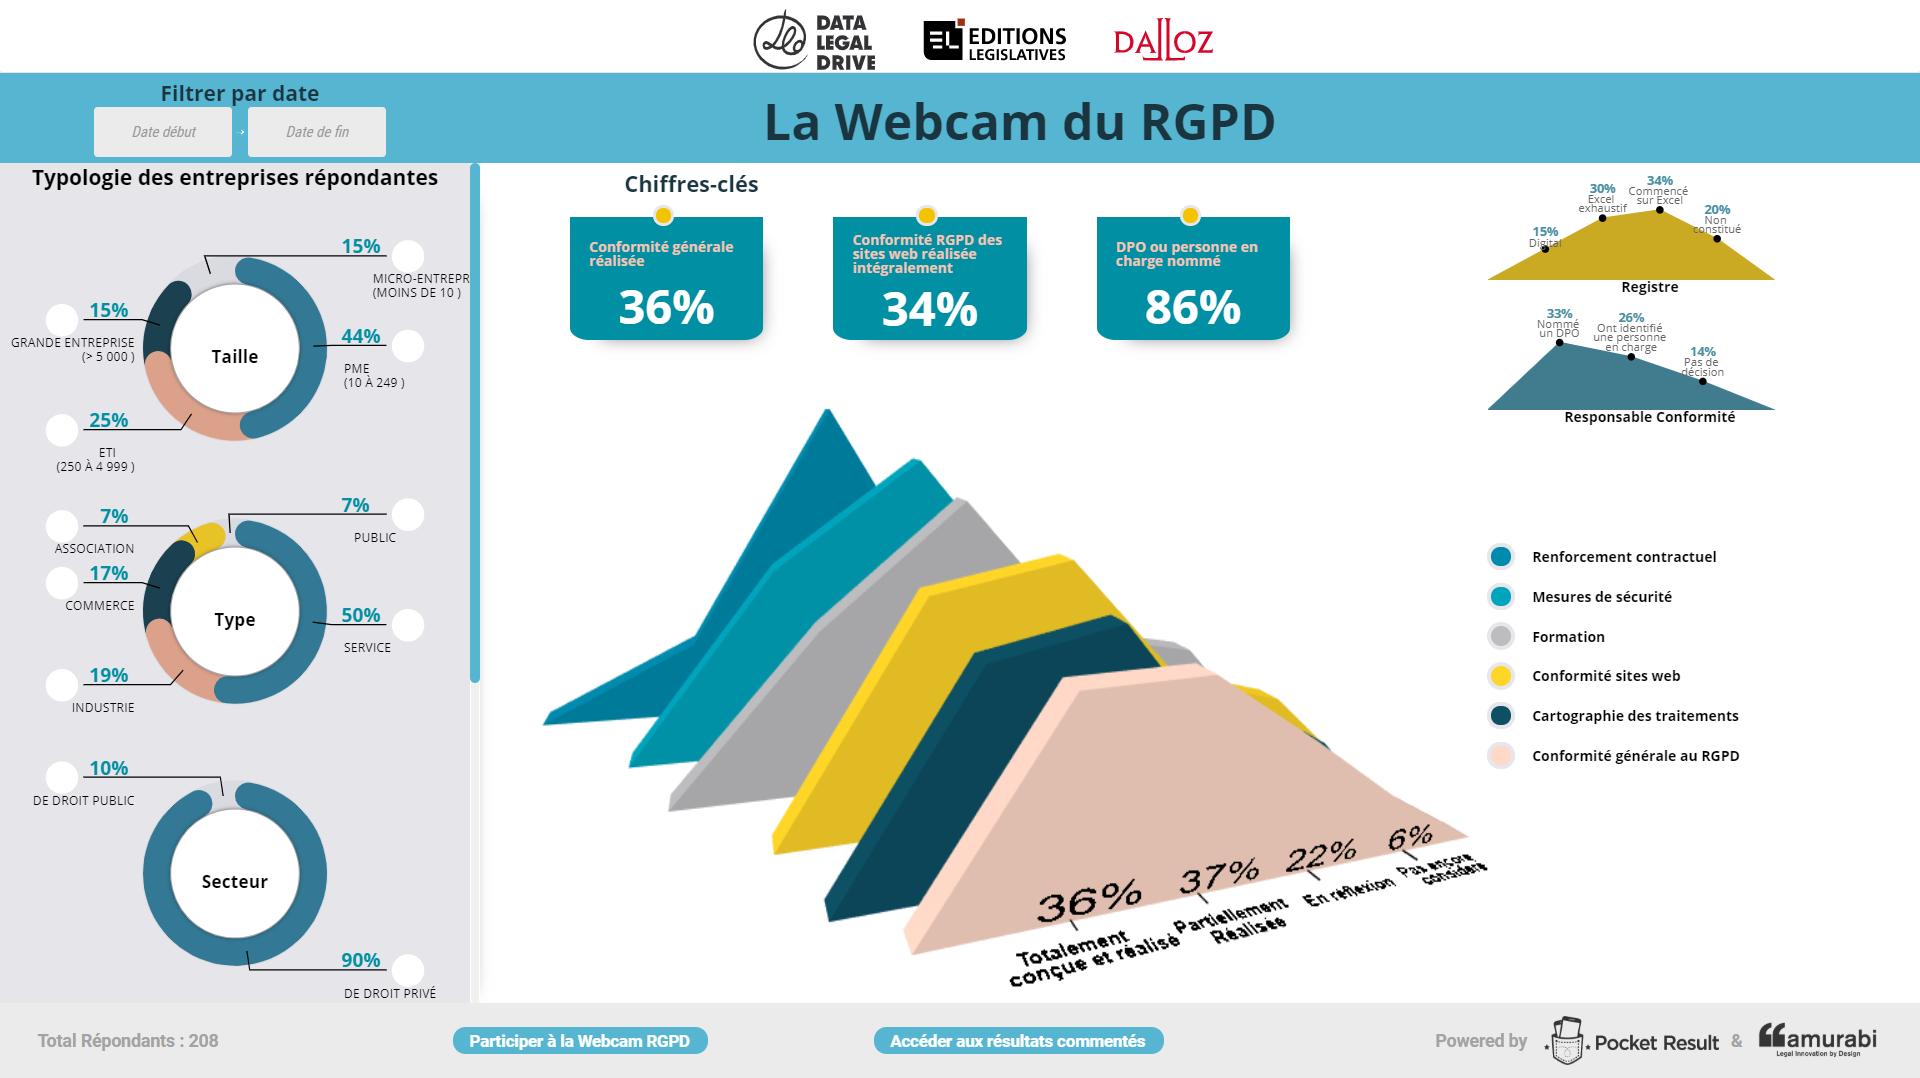 Webcam RGPD, 1er baromètre interactif sur l'état d'avancement RGPD des entreprises par secteur d'activité et taille d'entreprise